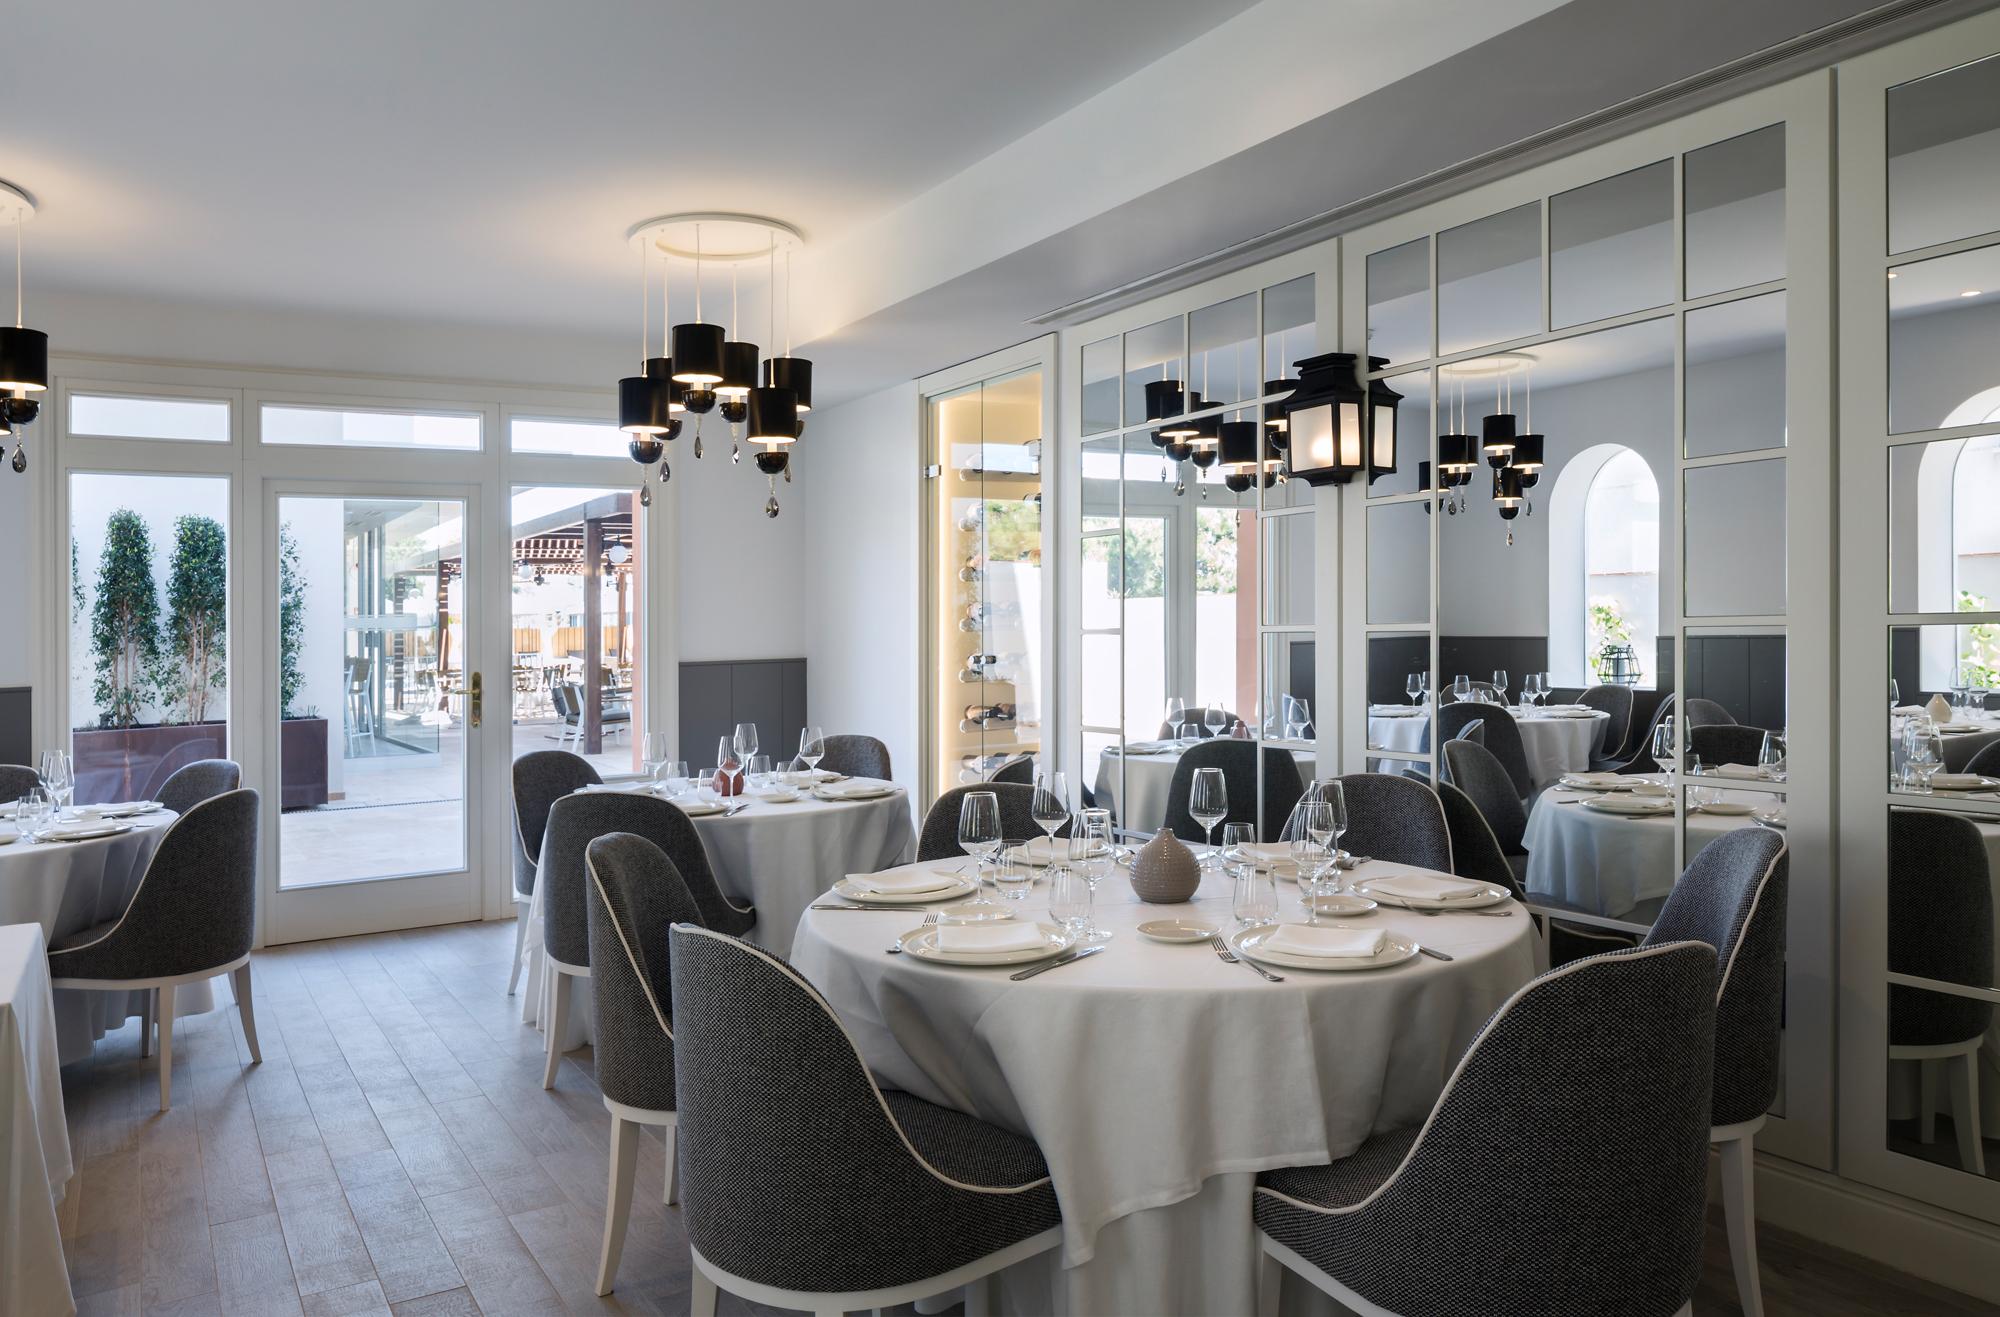 Hotel casa vilella in sitges official website - Hotel casa vilella ...